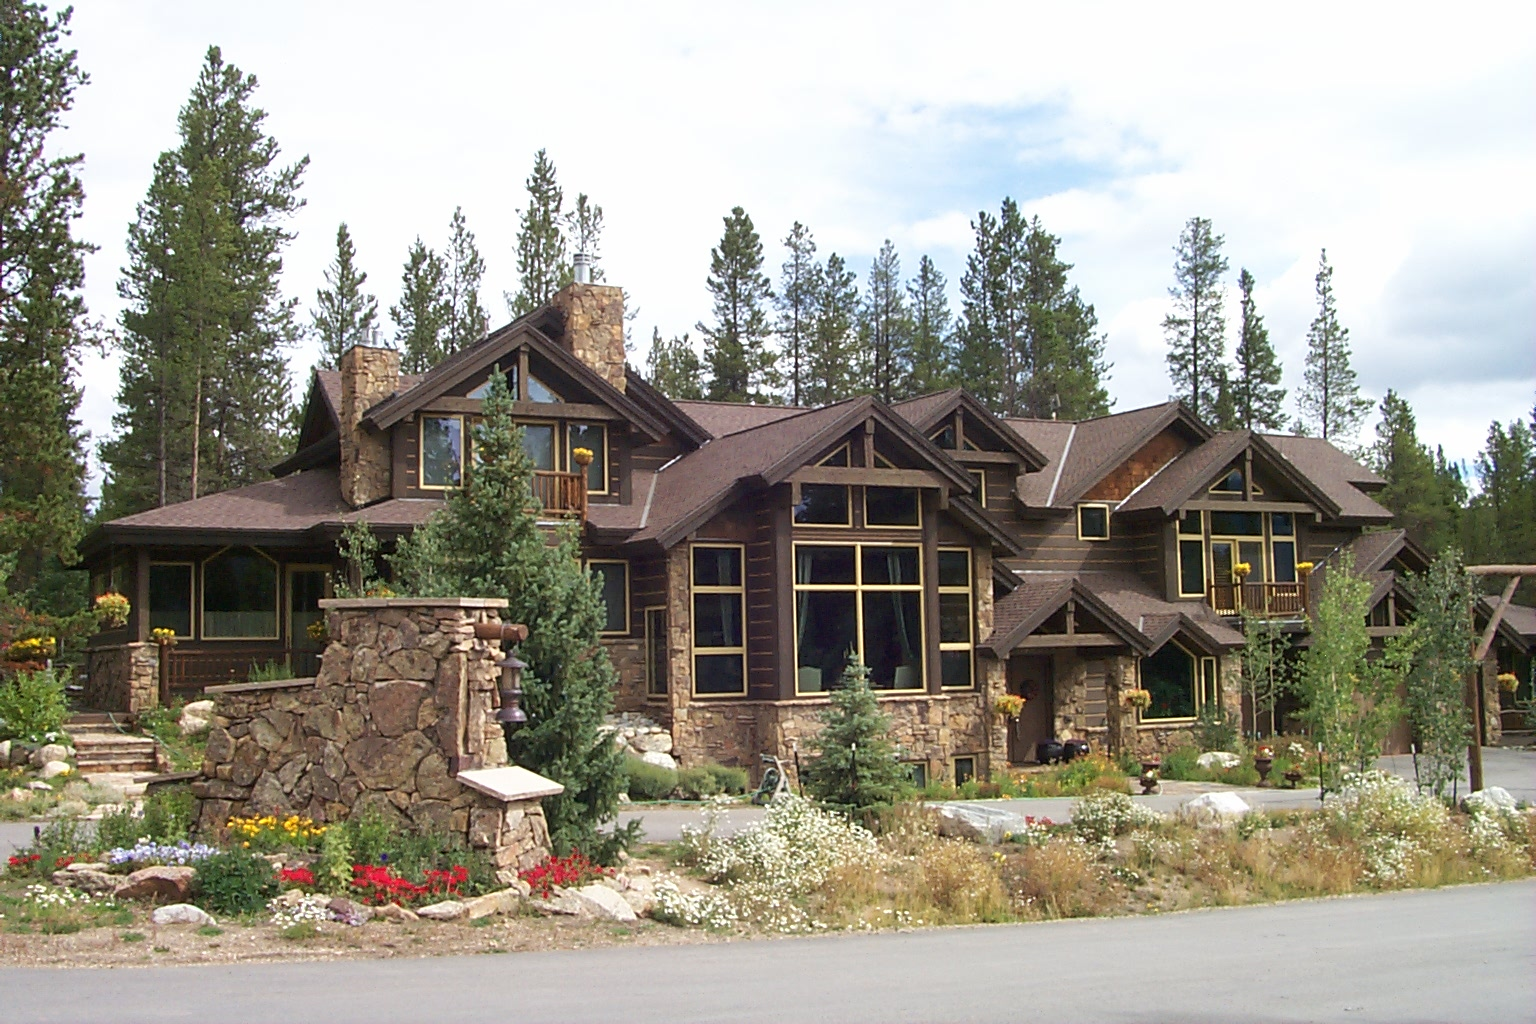 Article hoard use colorado vacation rentals in both for Winter cabin rentals colorado